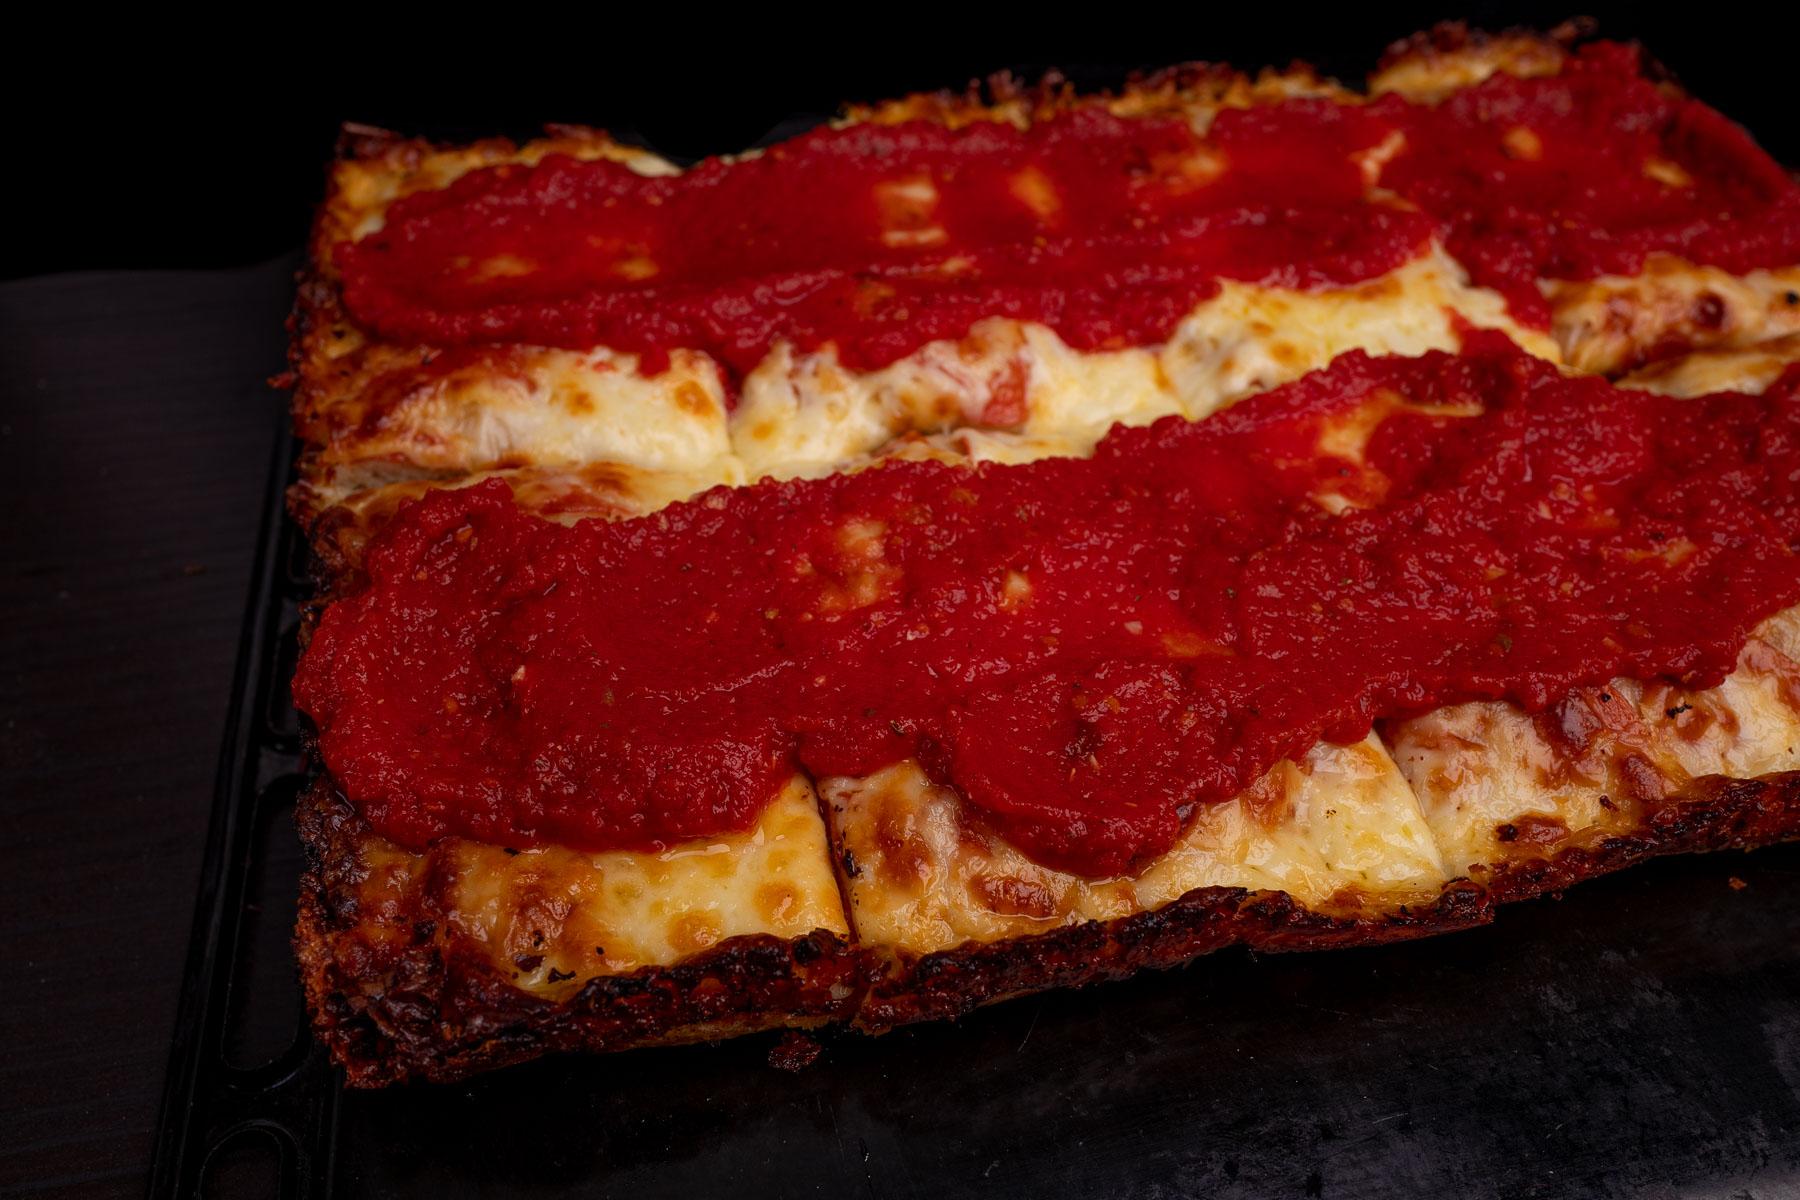 smarujemy górę pizzy gorącą redukcją z pomidorów